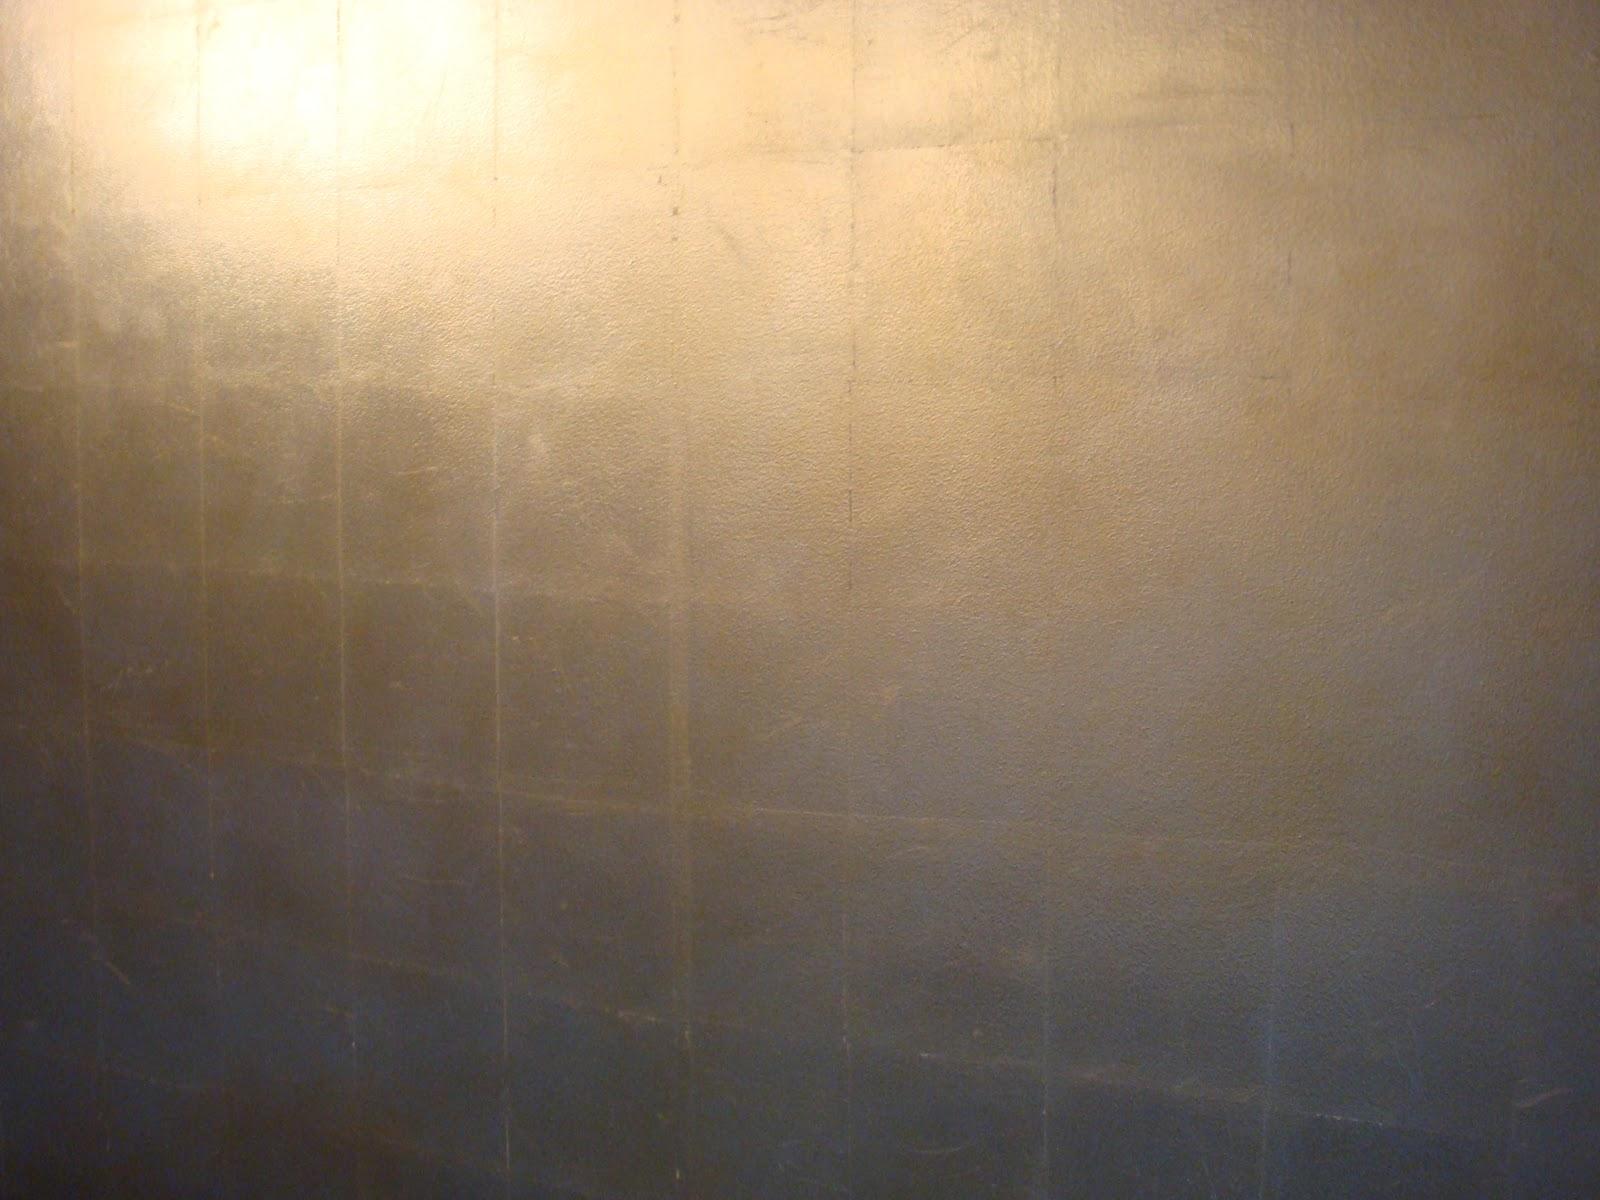 Gold foil leaf wallpaper